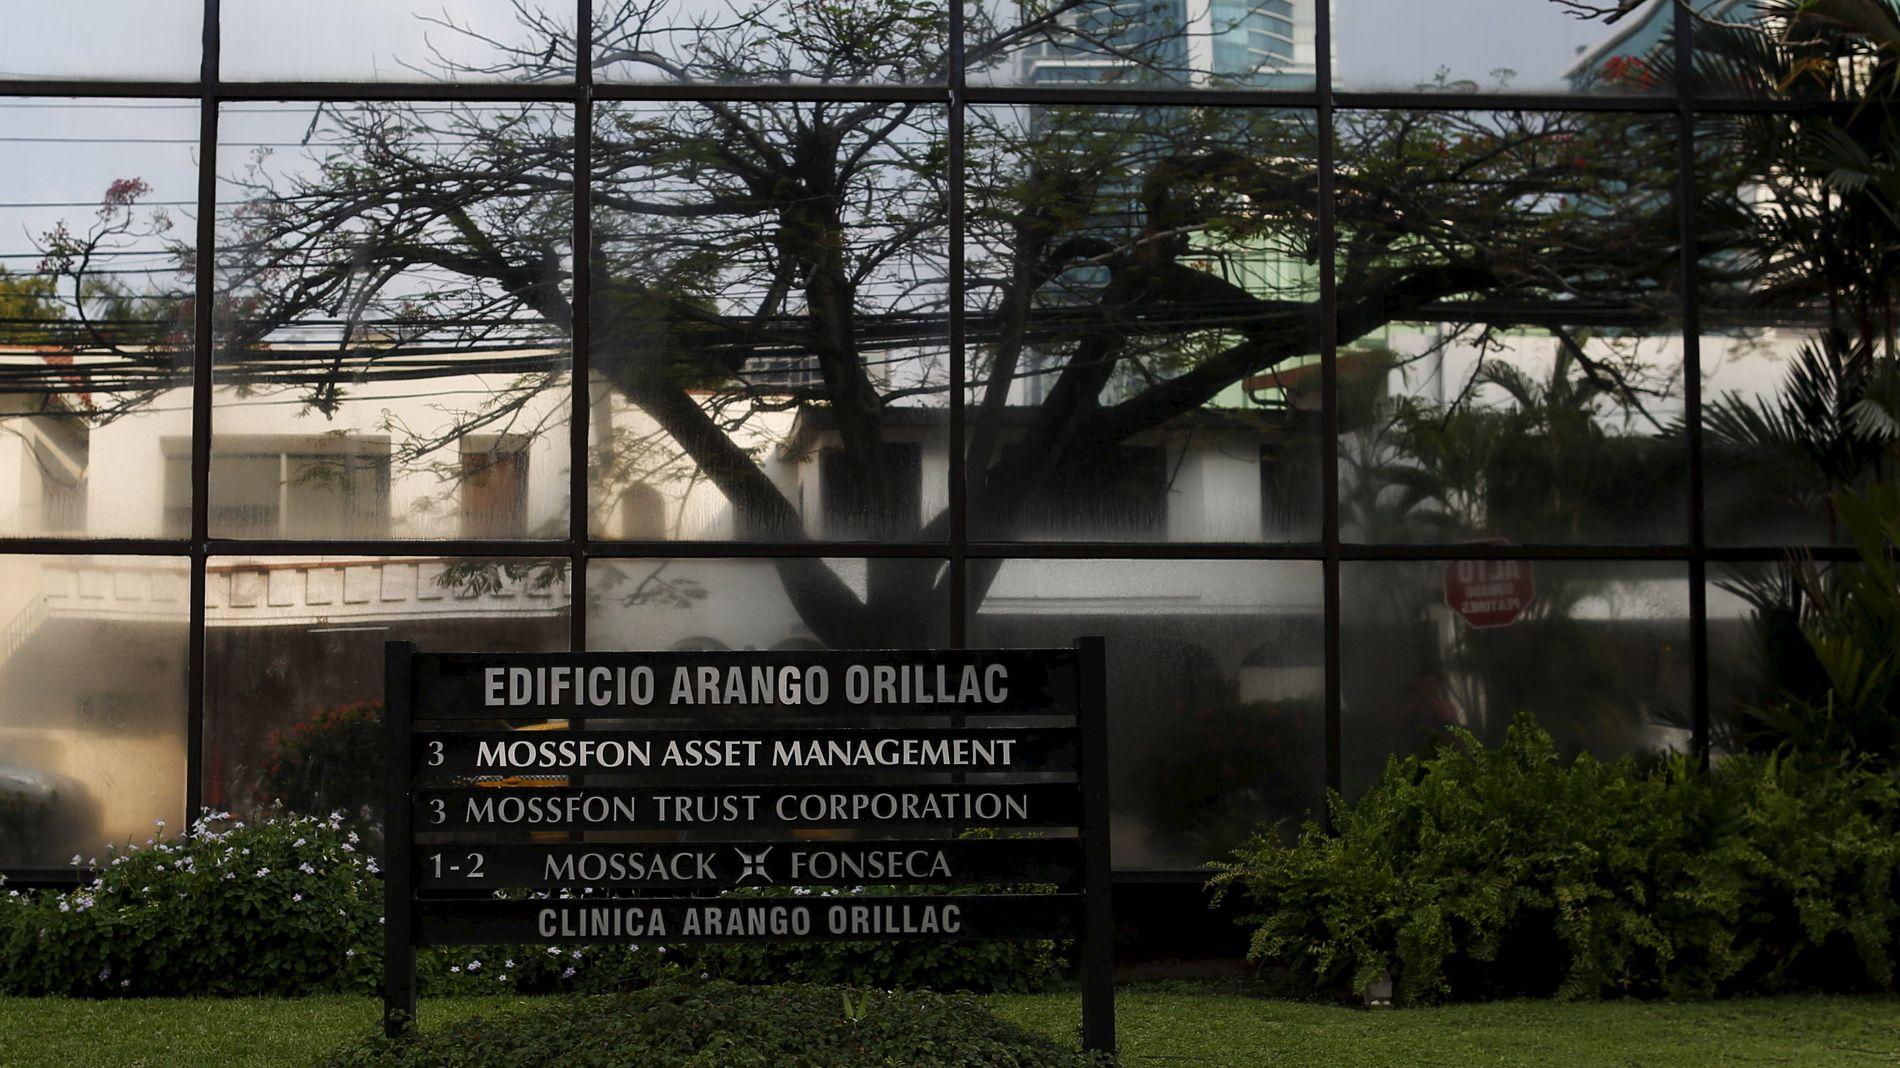 LEKKET VIKTIGE DOKUMENTER: Det Panama-baserte advokatfirmaet Mossack Fonseca har lekket dokumenter som viser at en rekke statsledere og politikere verden over skjuler milliarder i skatteparadiser.